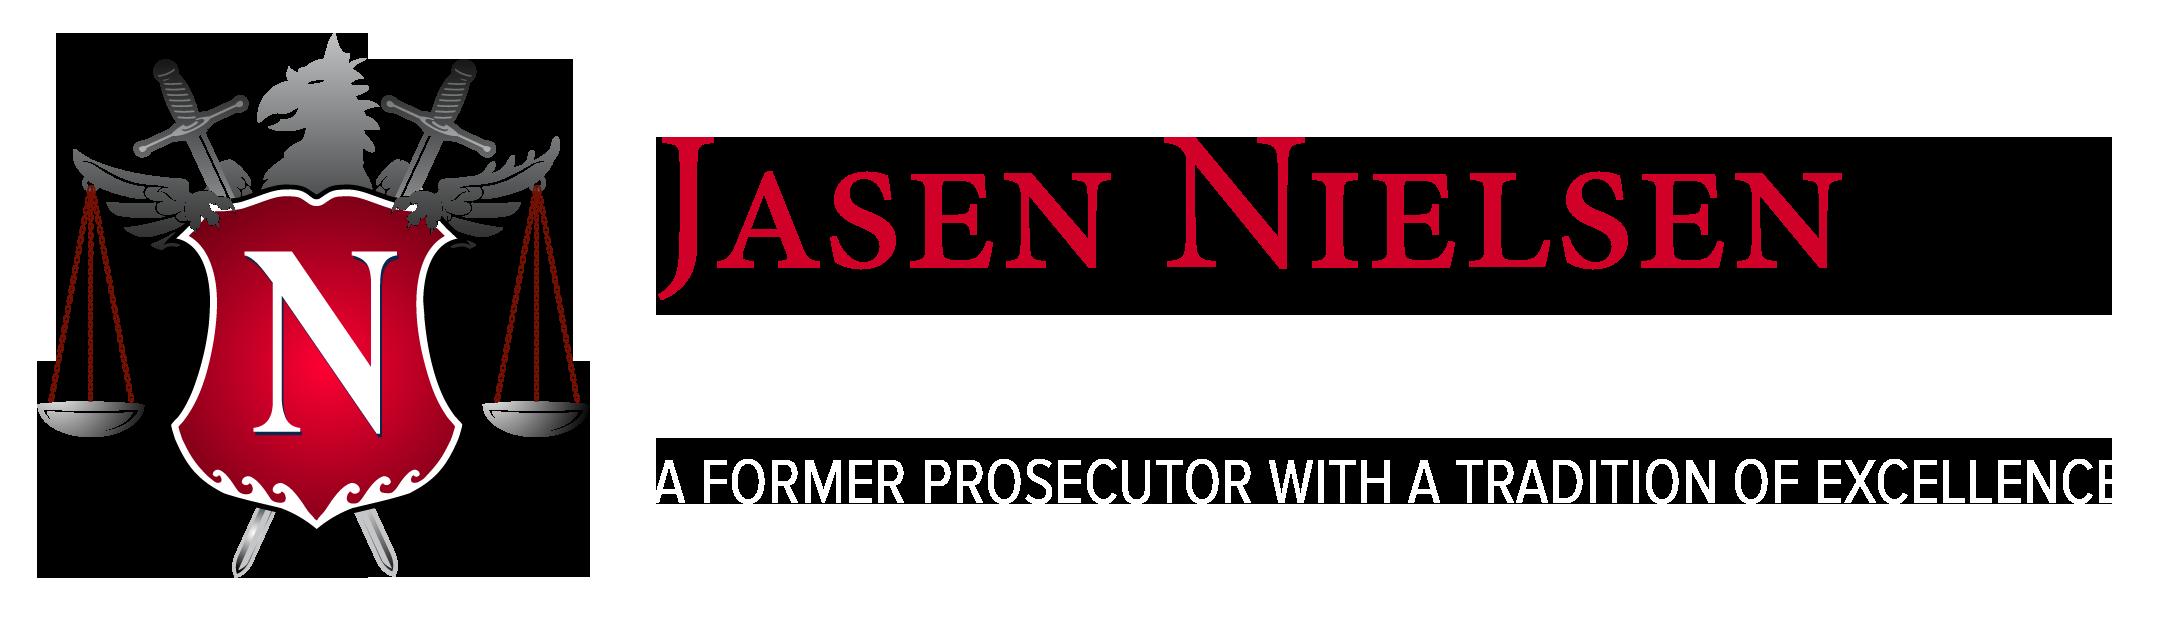 Jasen Nielsen DUI Defense Attorney.